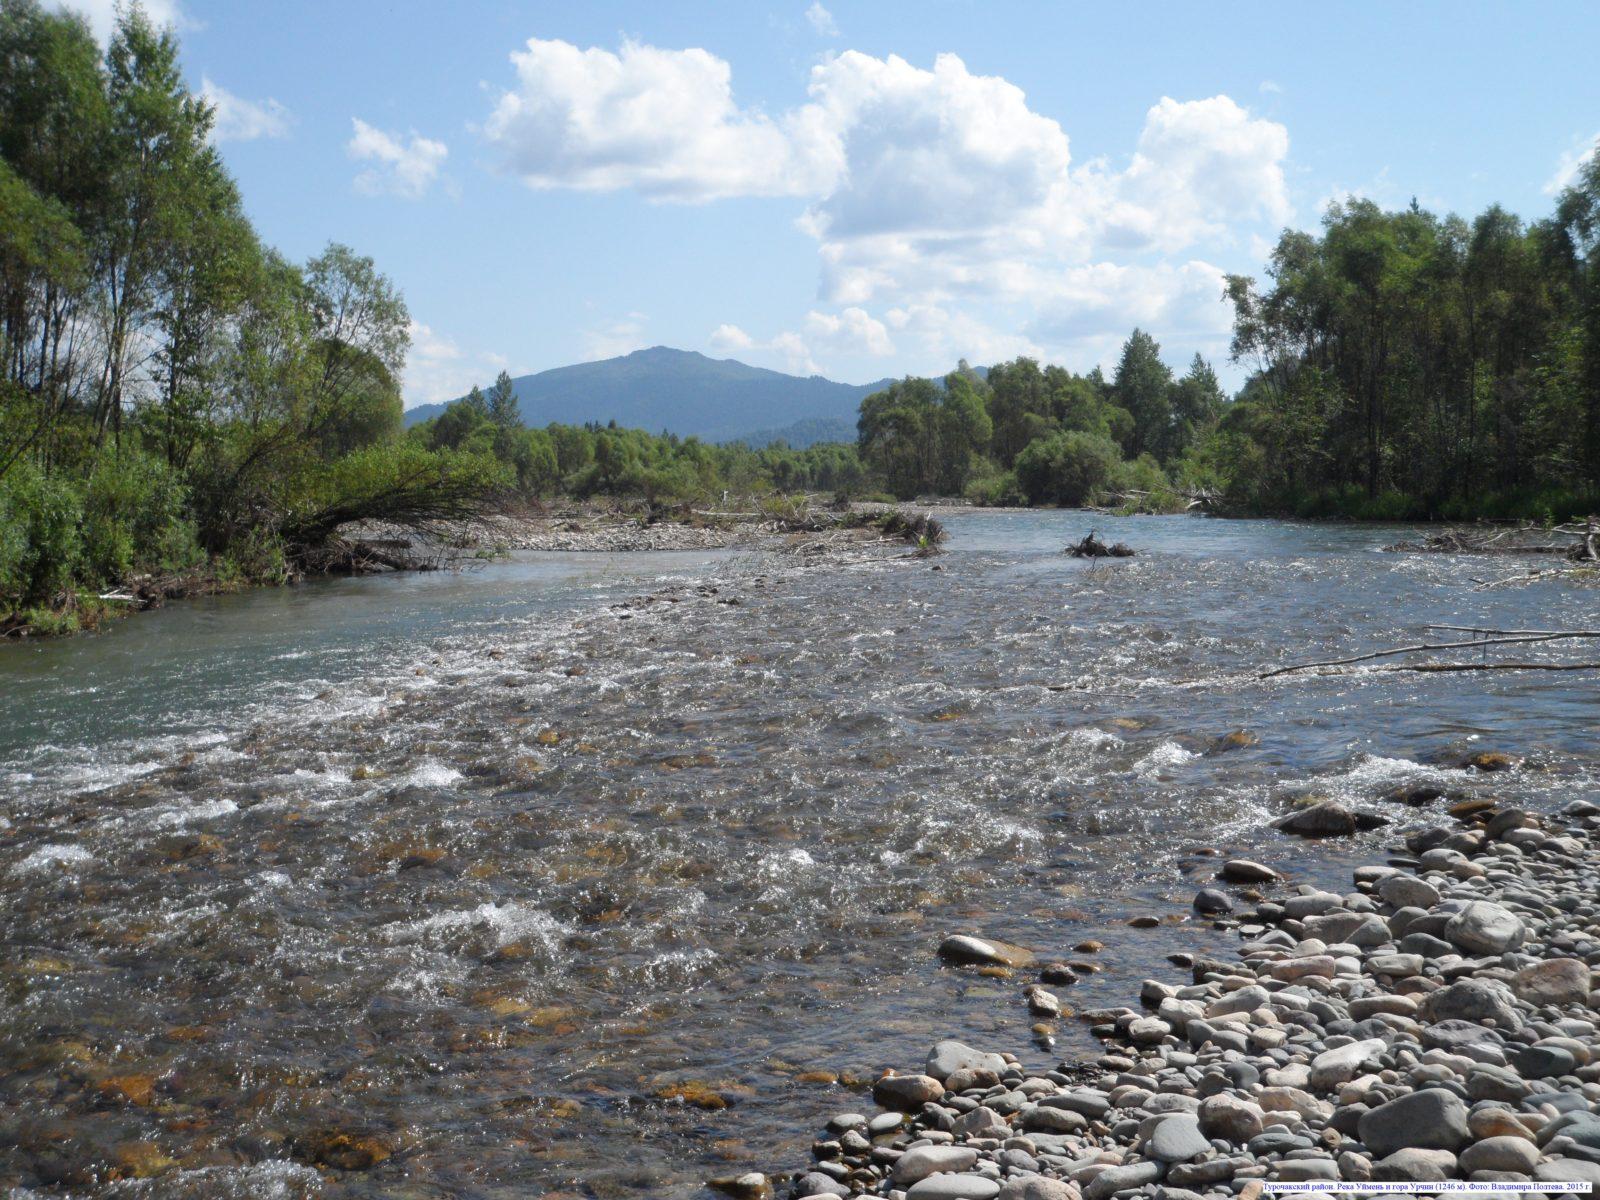 Турочакский район. Река Уймень и гора Урчин (1246 м).